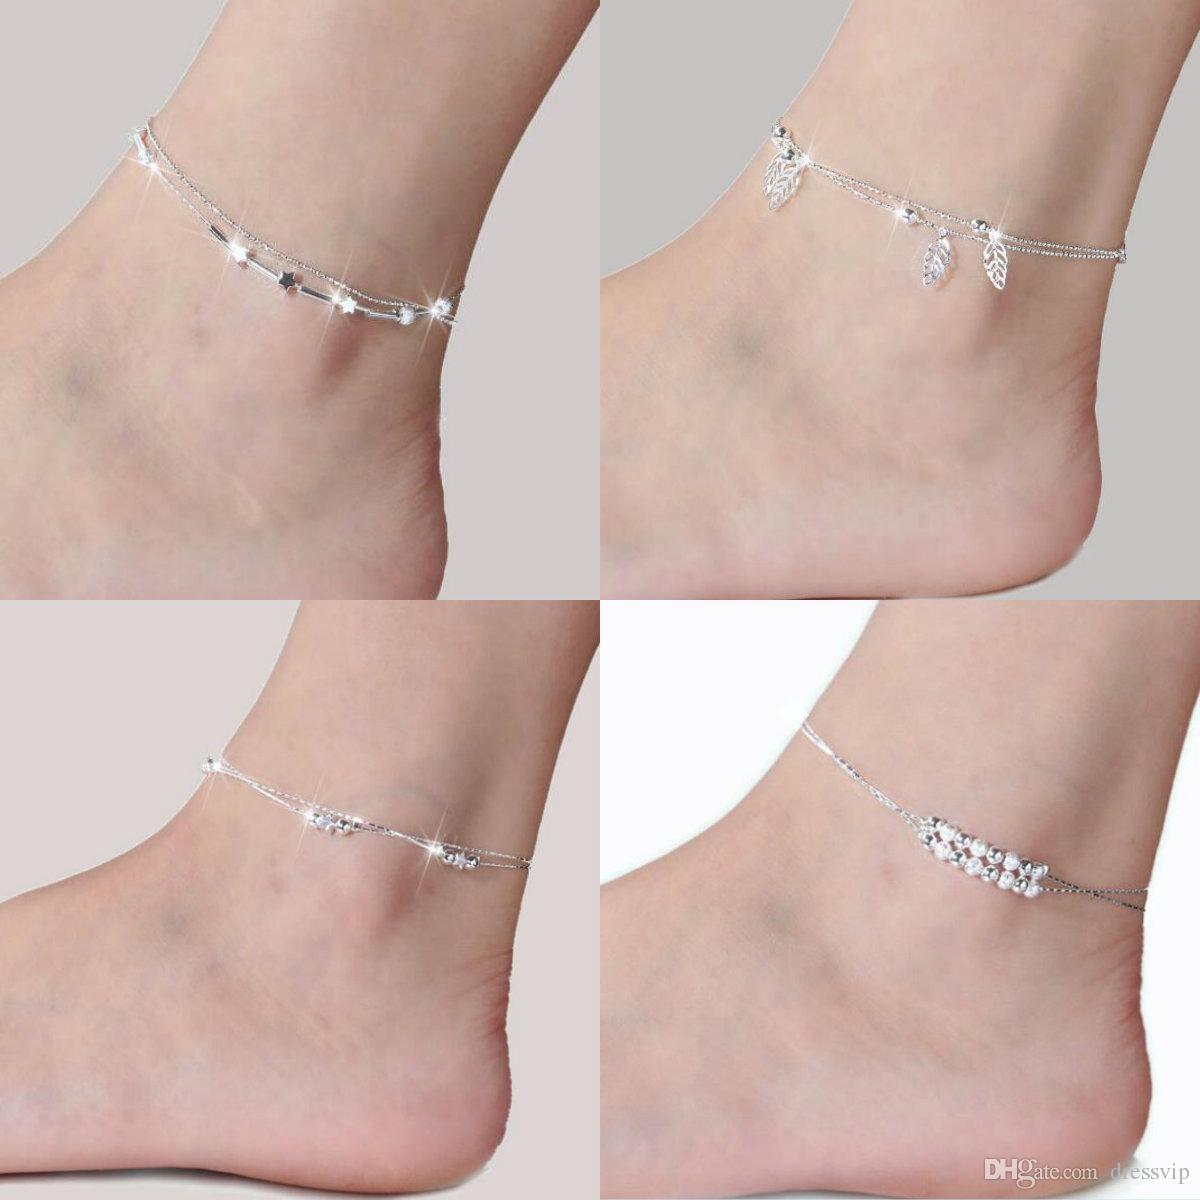 Moda Kadınlar Bayanlar Kızlar Için 925 Ayar Gümüş Halhal Benzersiz Güzel Seksi Basit Boncuk Gümüş Zincir Halhal Ayak Bileği Ayak Takı Hediye Düğün